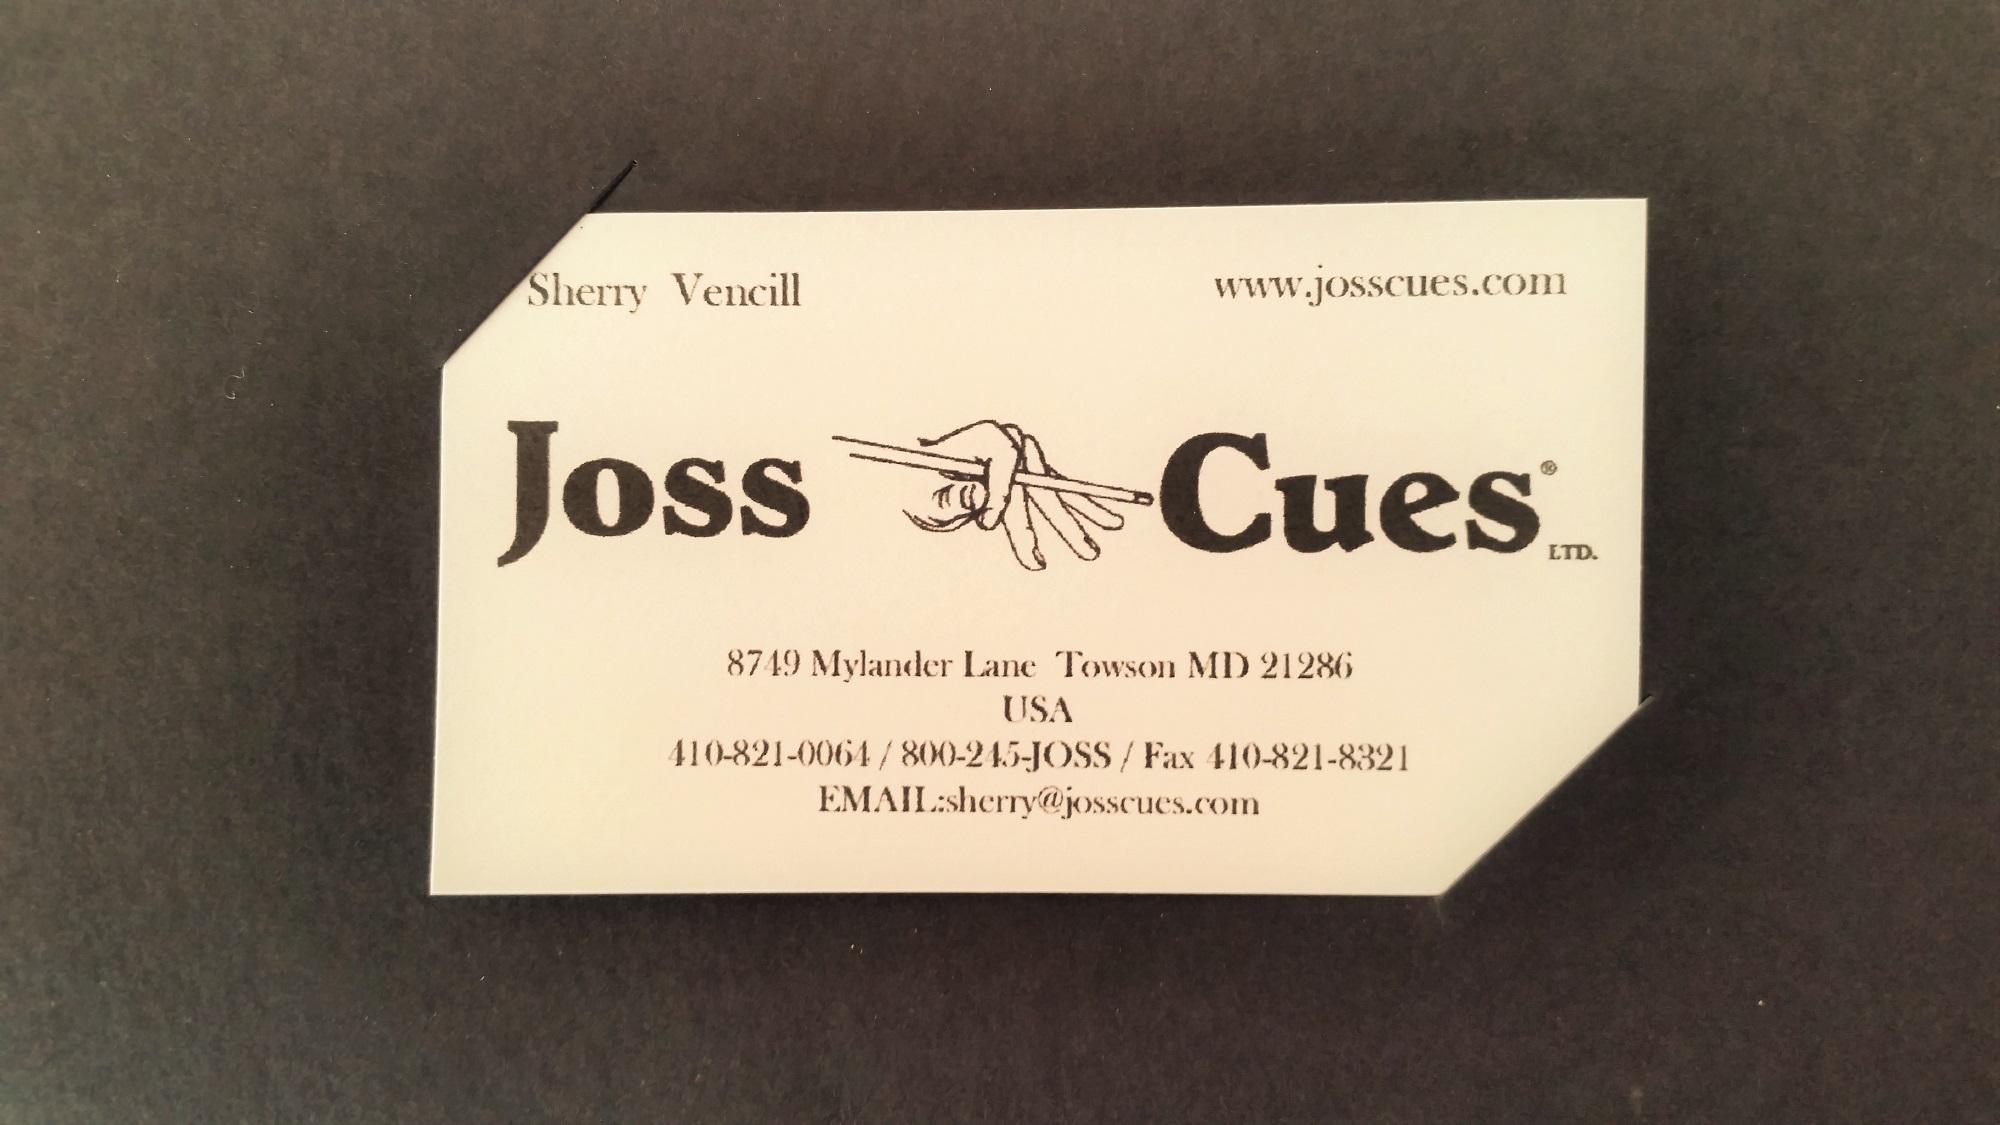 Joss-Cues-2-3